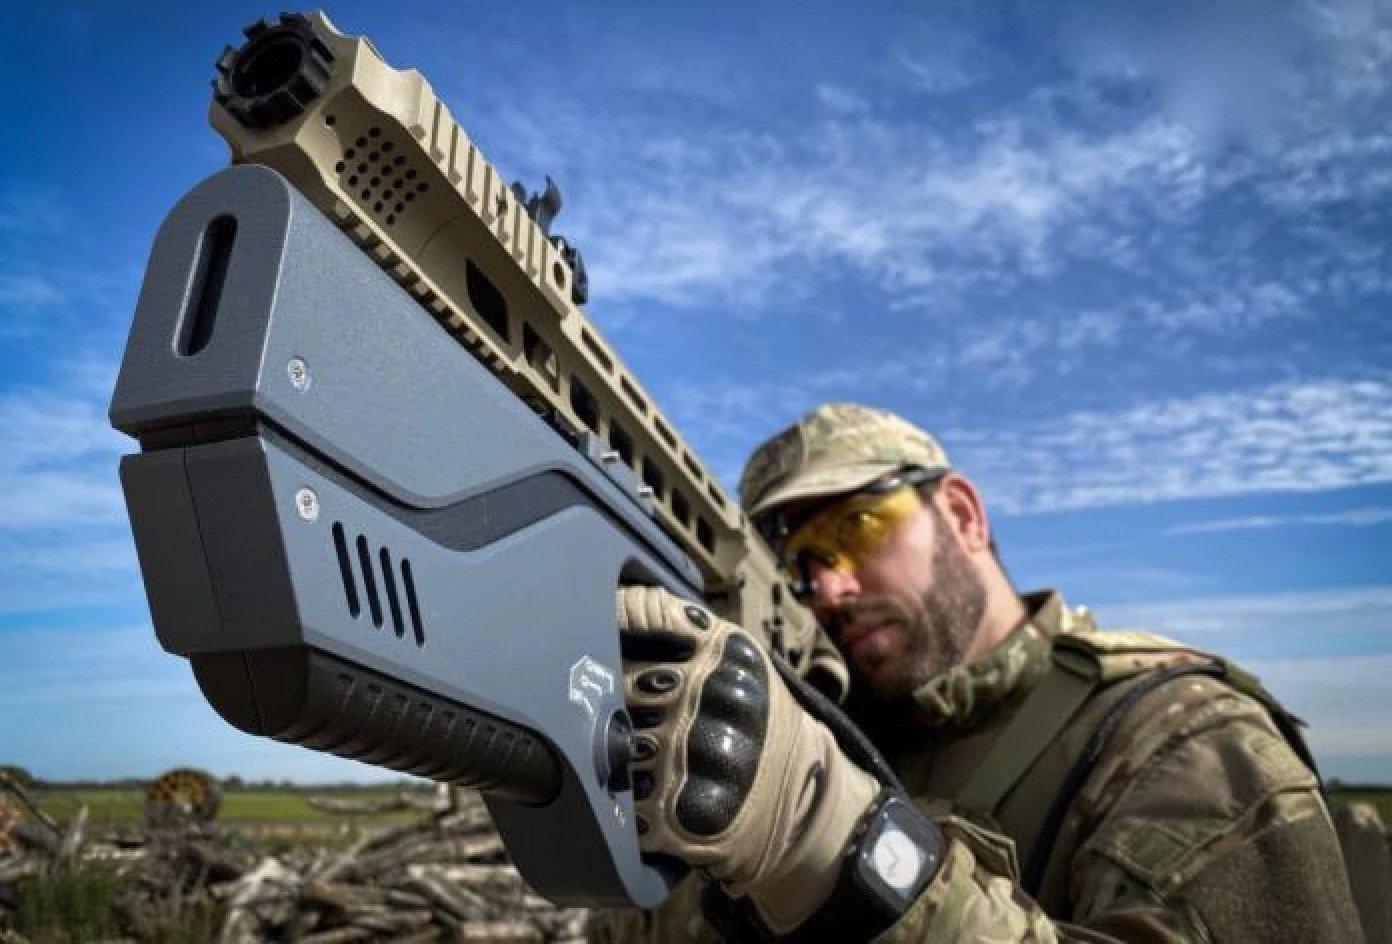 drone gun - Paladyne E1000MP σας ενοχλούν τα drones;